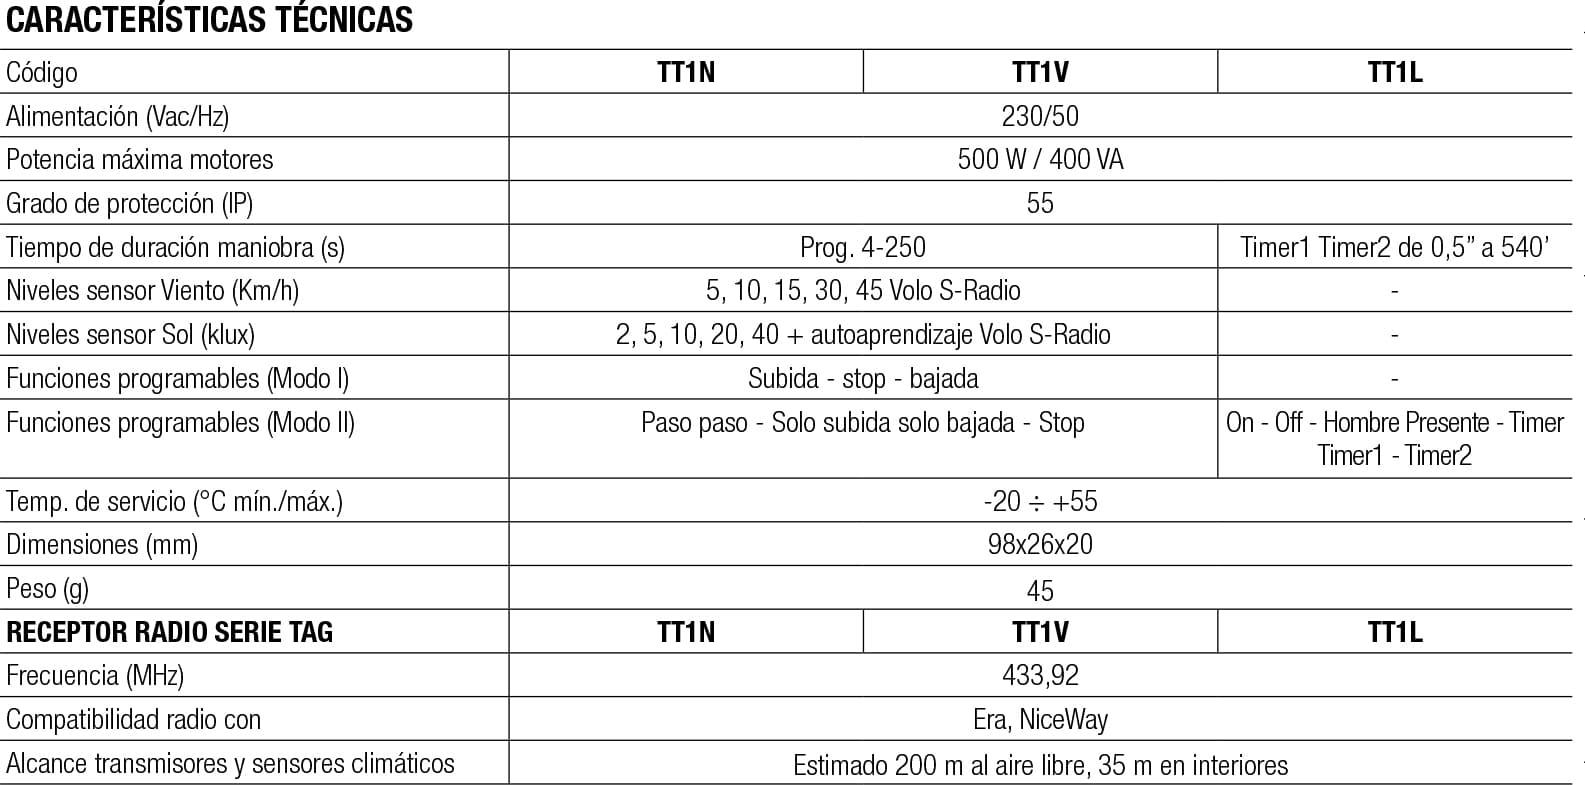 caracteristicas-tt1n-tt1v-tt1lcaracteristicas-tt1n-tt1v-tt1l